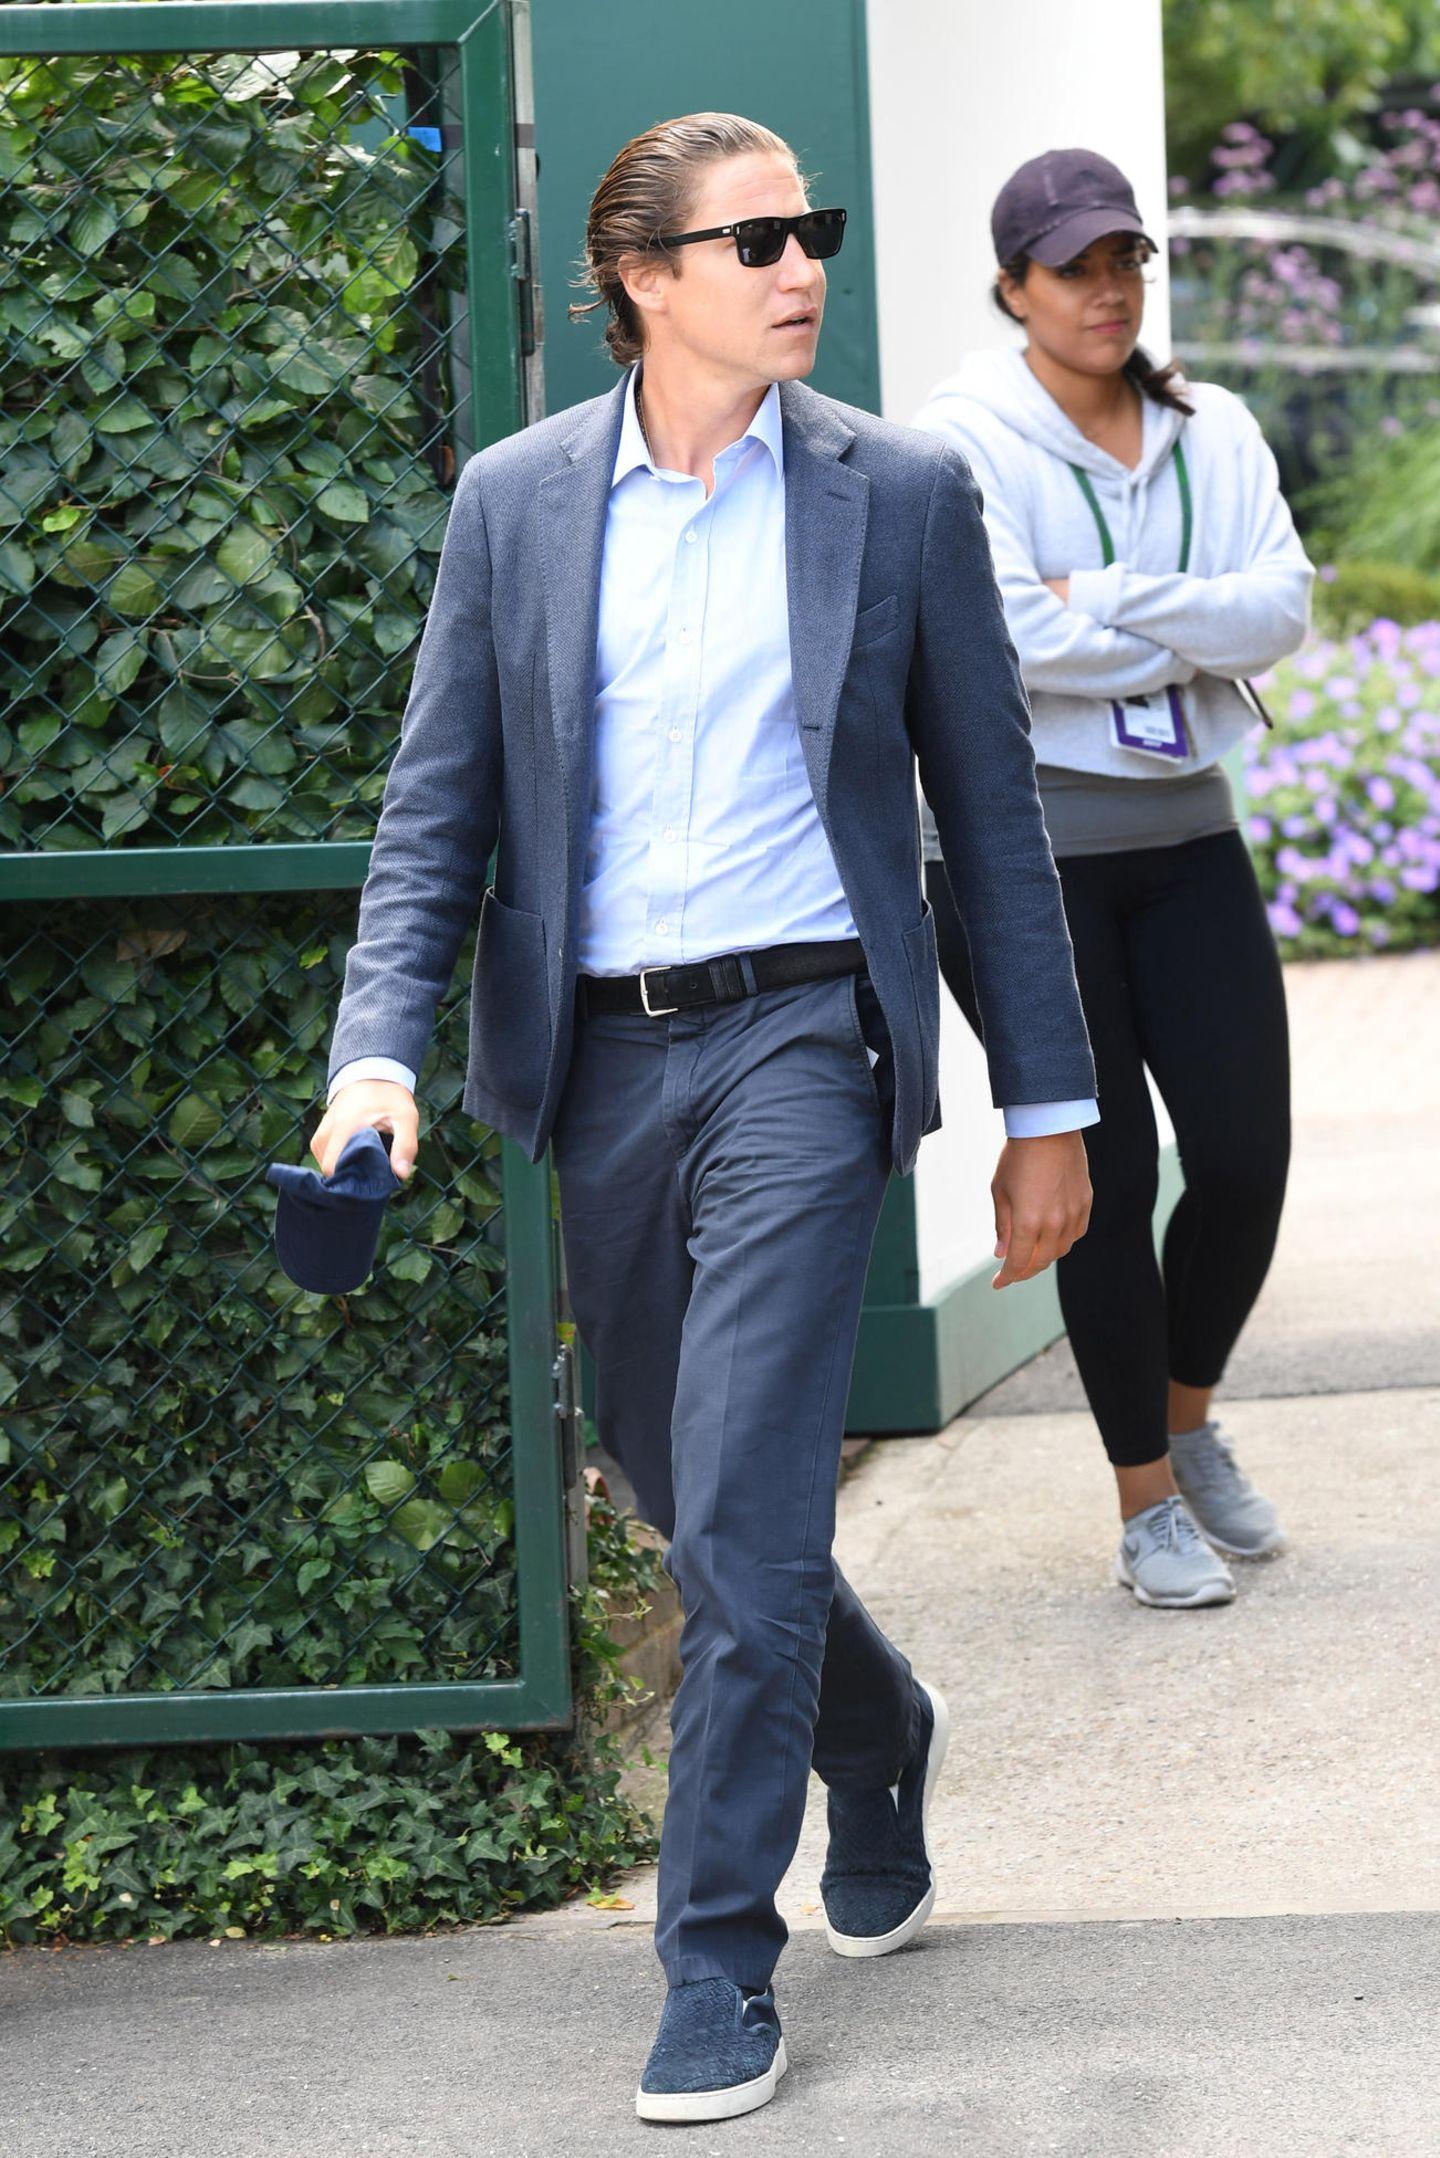 Vito Schnabel weiß, wie er einen klassischen Anzug-Look ganz einfach lässig aussehen lassen kann. Die schicken Lackschuhe tauscht er gegen Stoff-Slipper ein, die Krawatte lässt er gleich ganz weg und den Rest erledigt die coole Sonnenbrille.